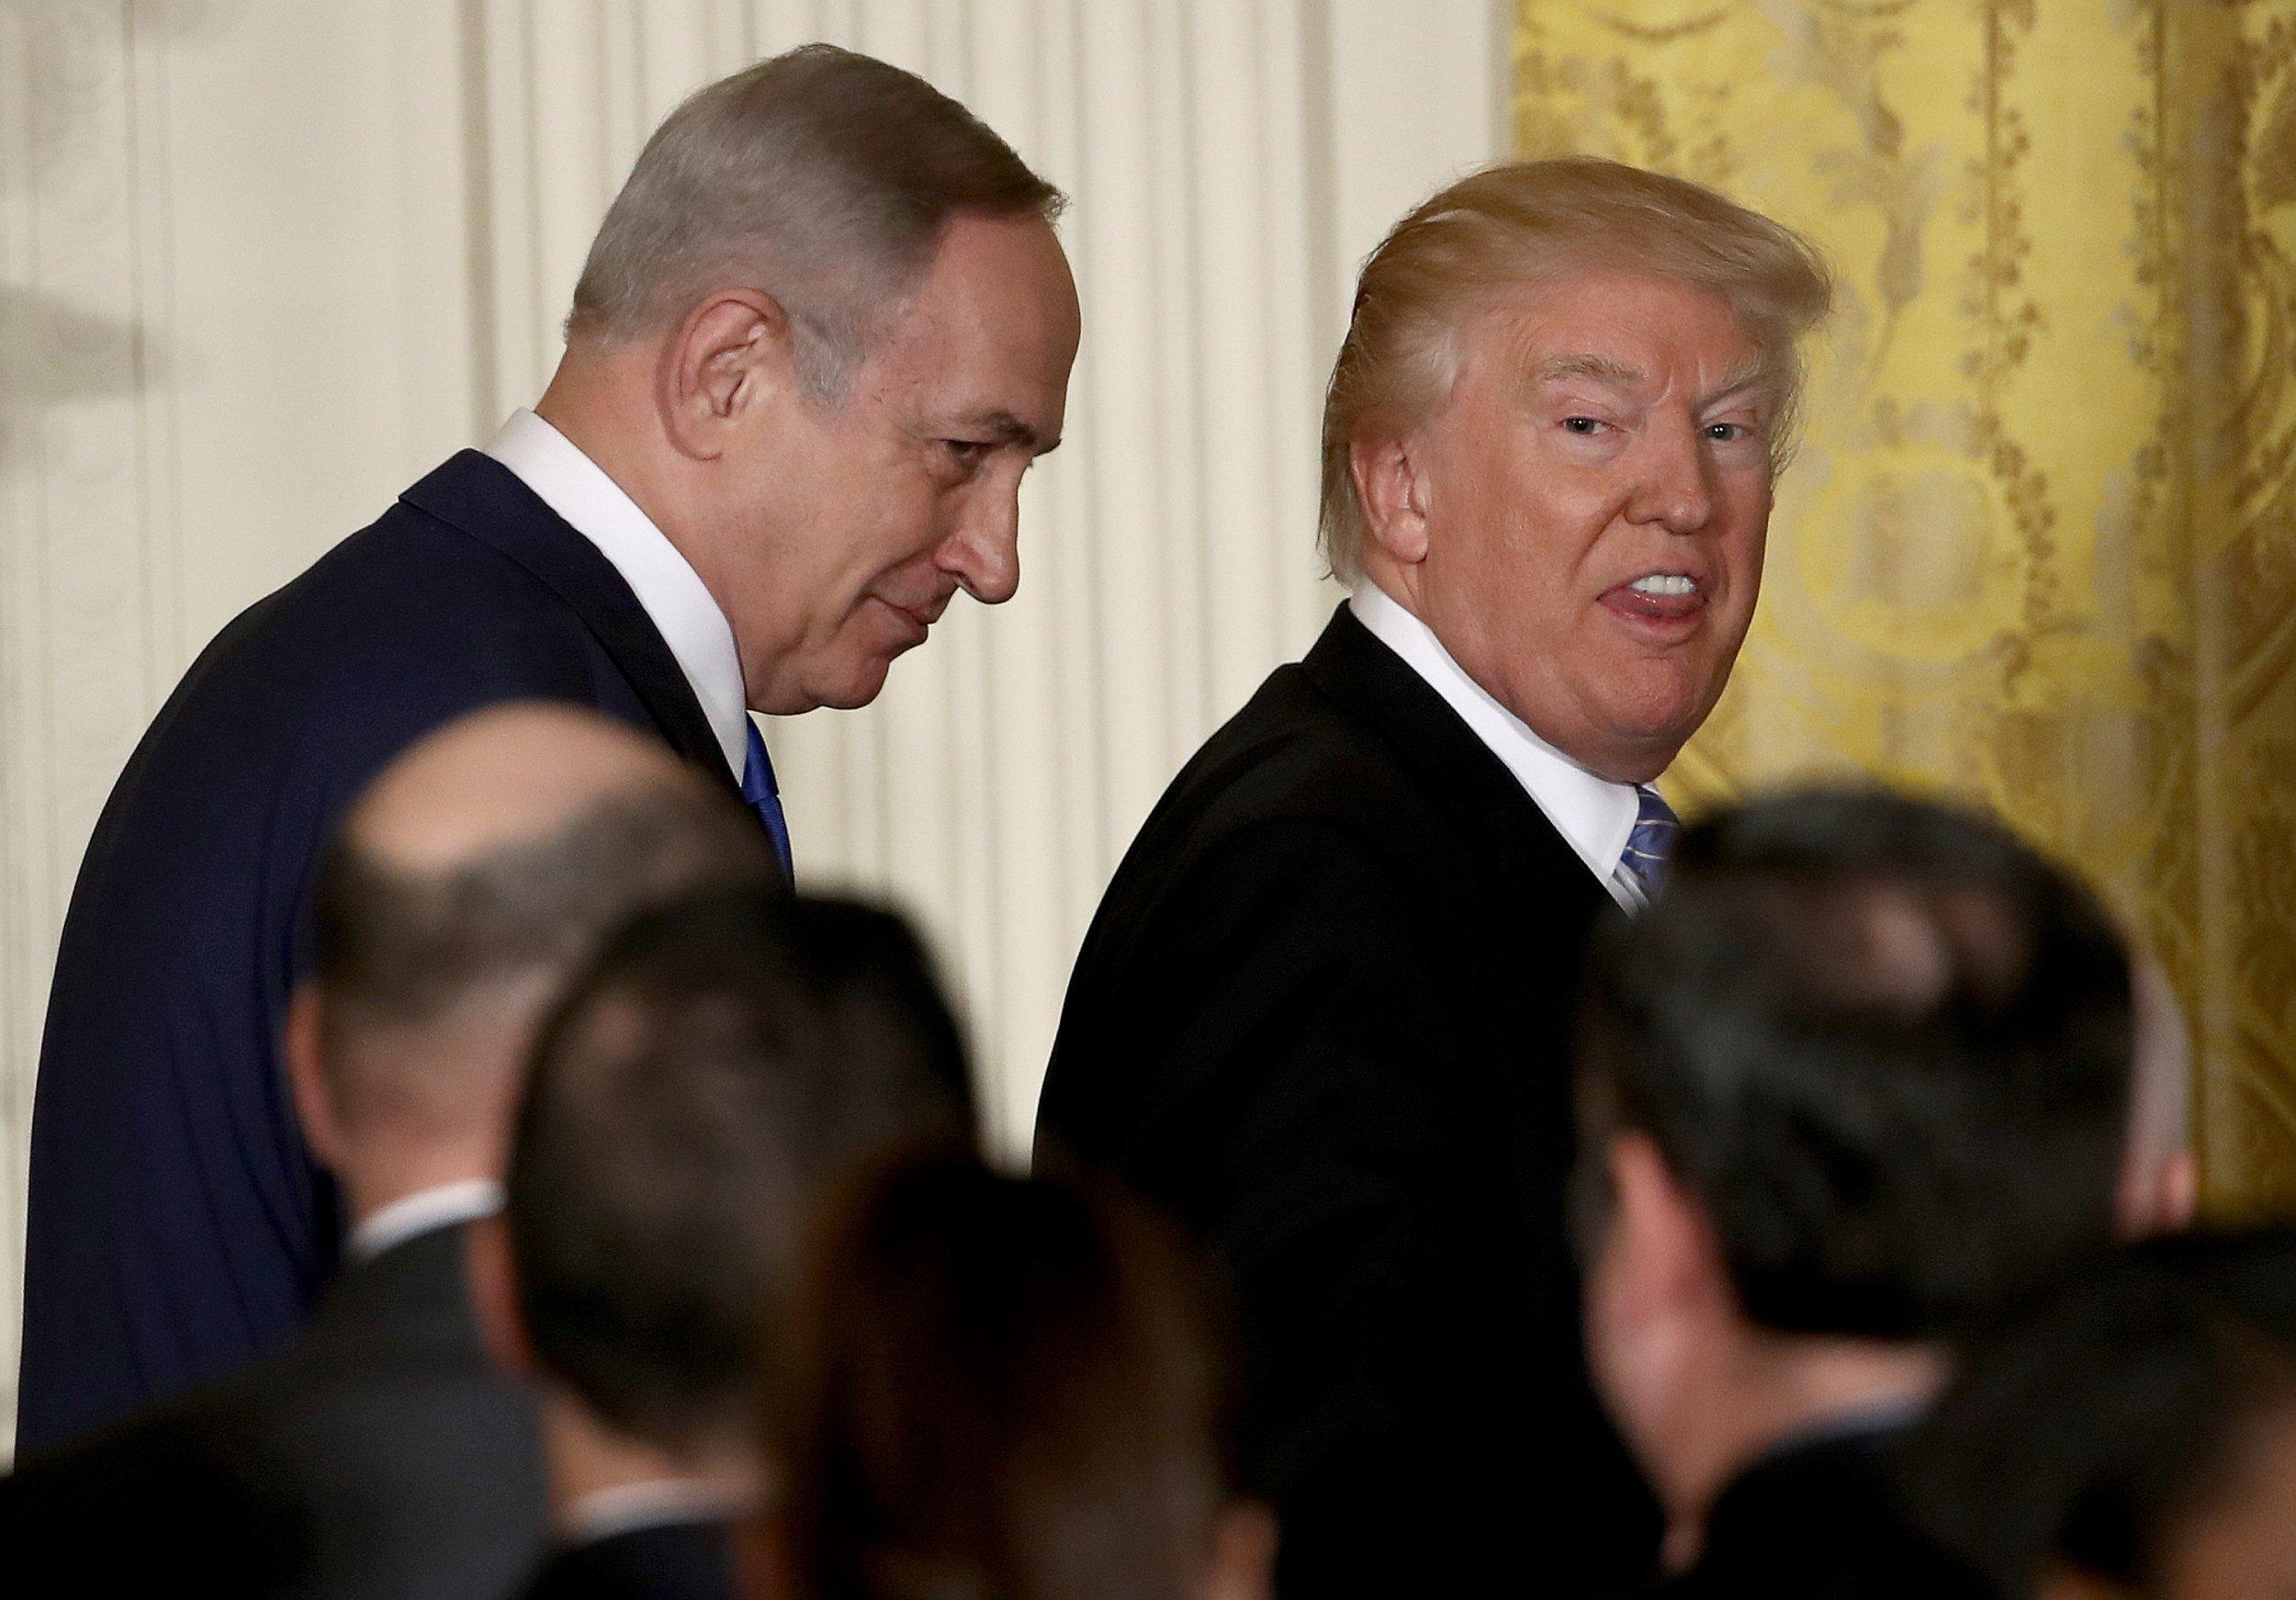 05_12_Trump_Netanyahu_01